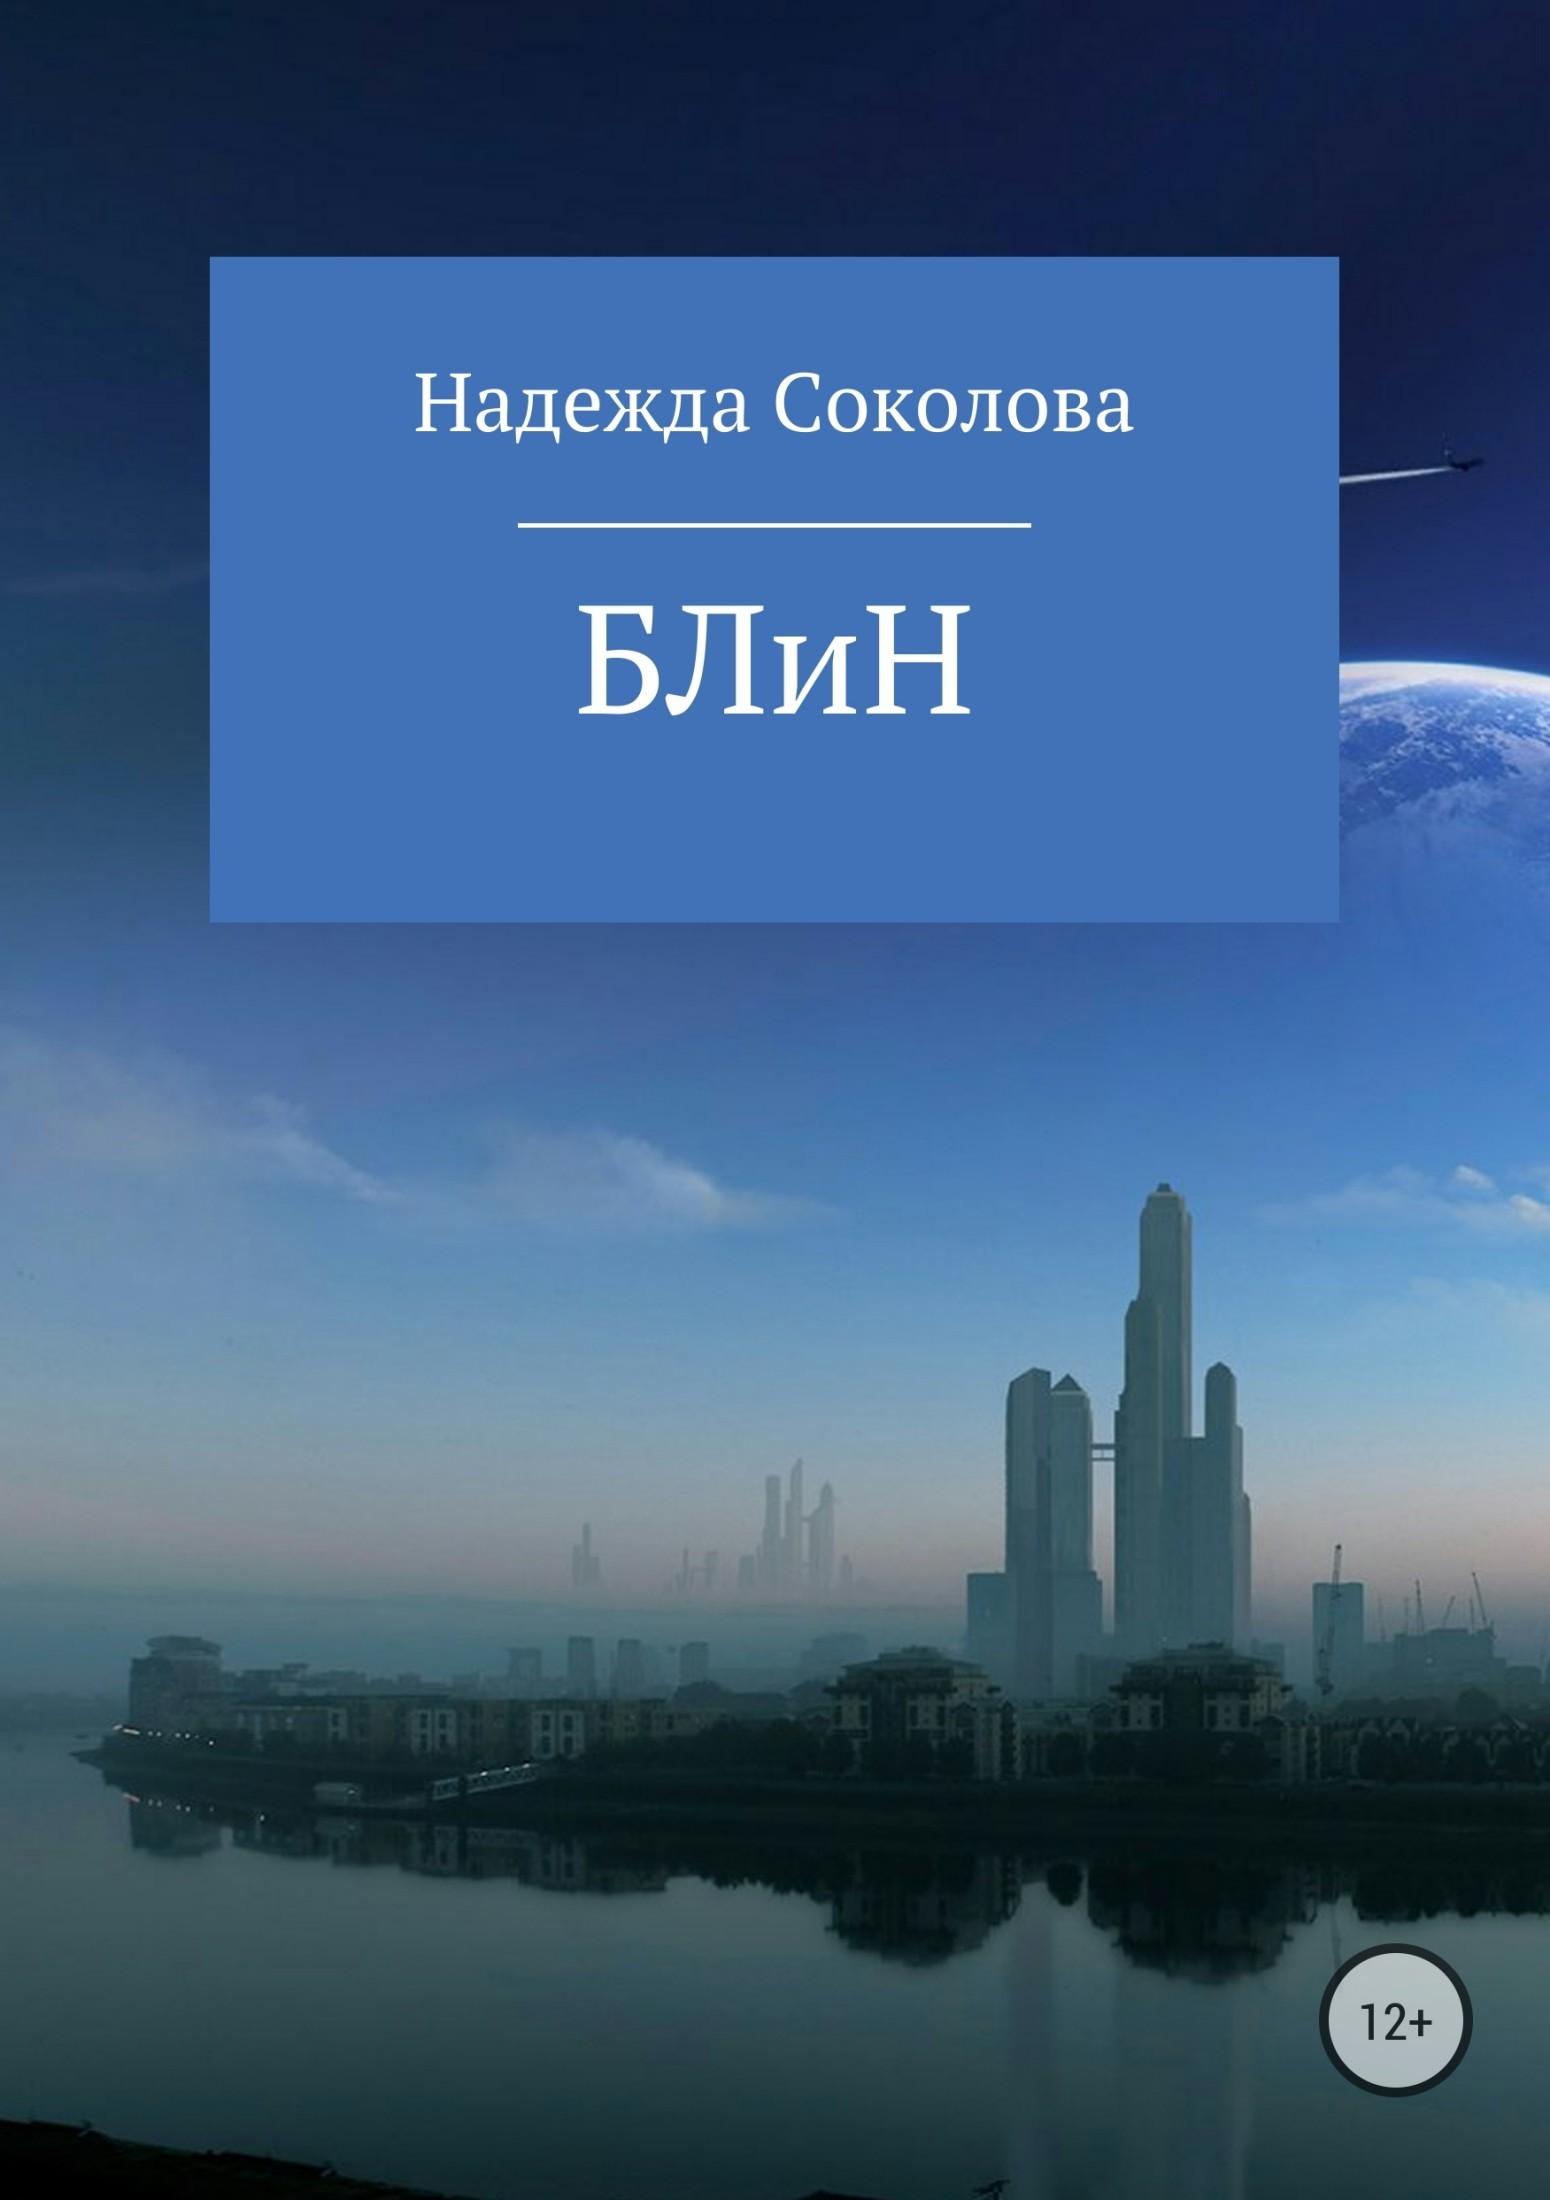 Надежда Соколова - БЛиН